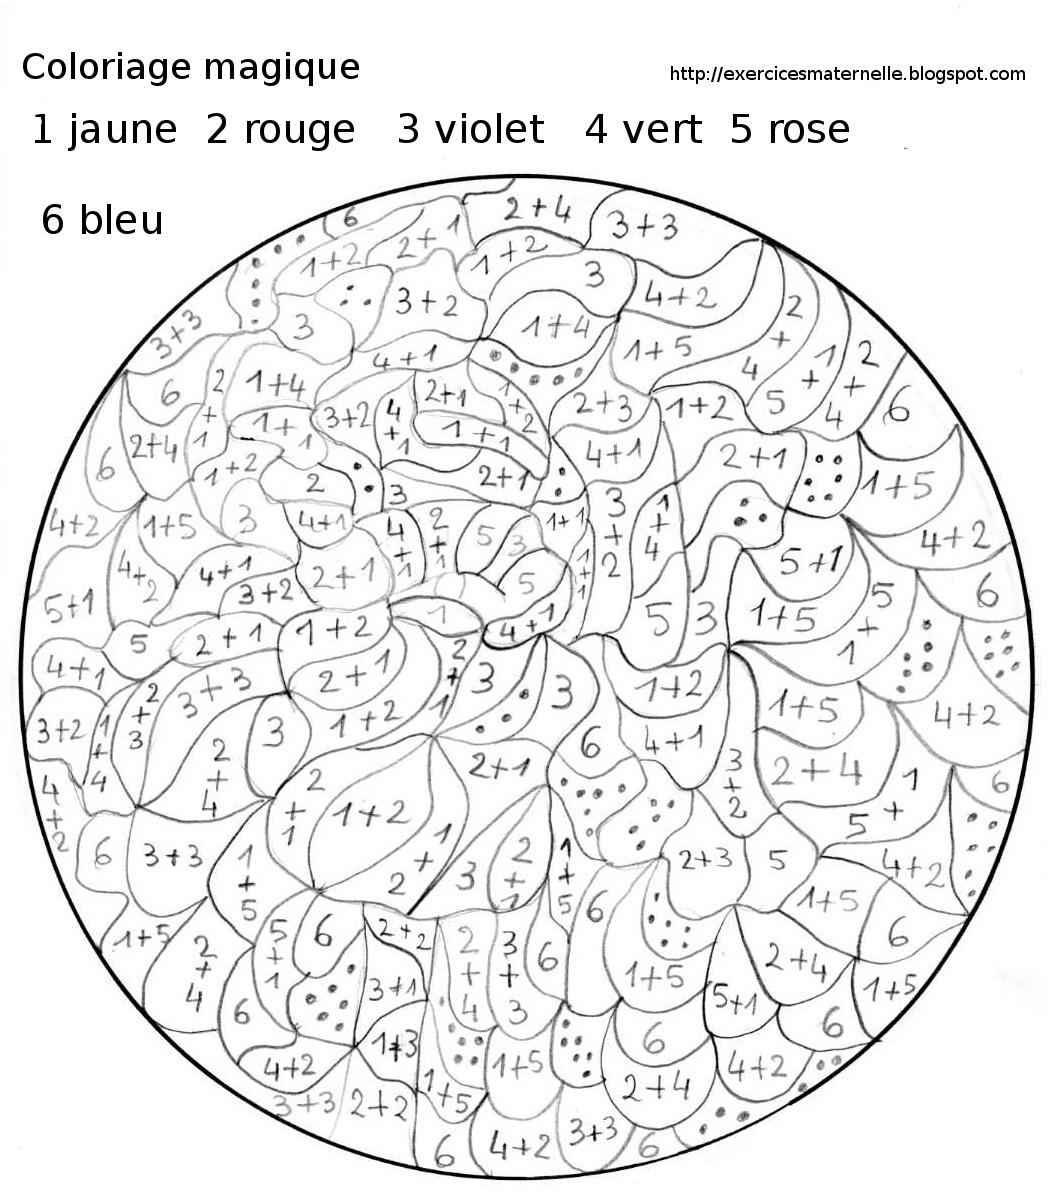 Maternelle: Coloriage Magique, Iris à Coloriage Mystere Adulte